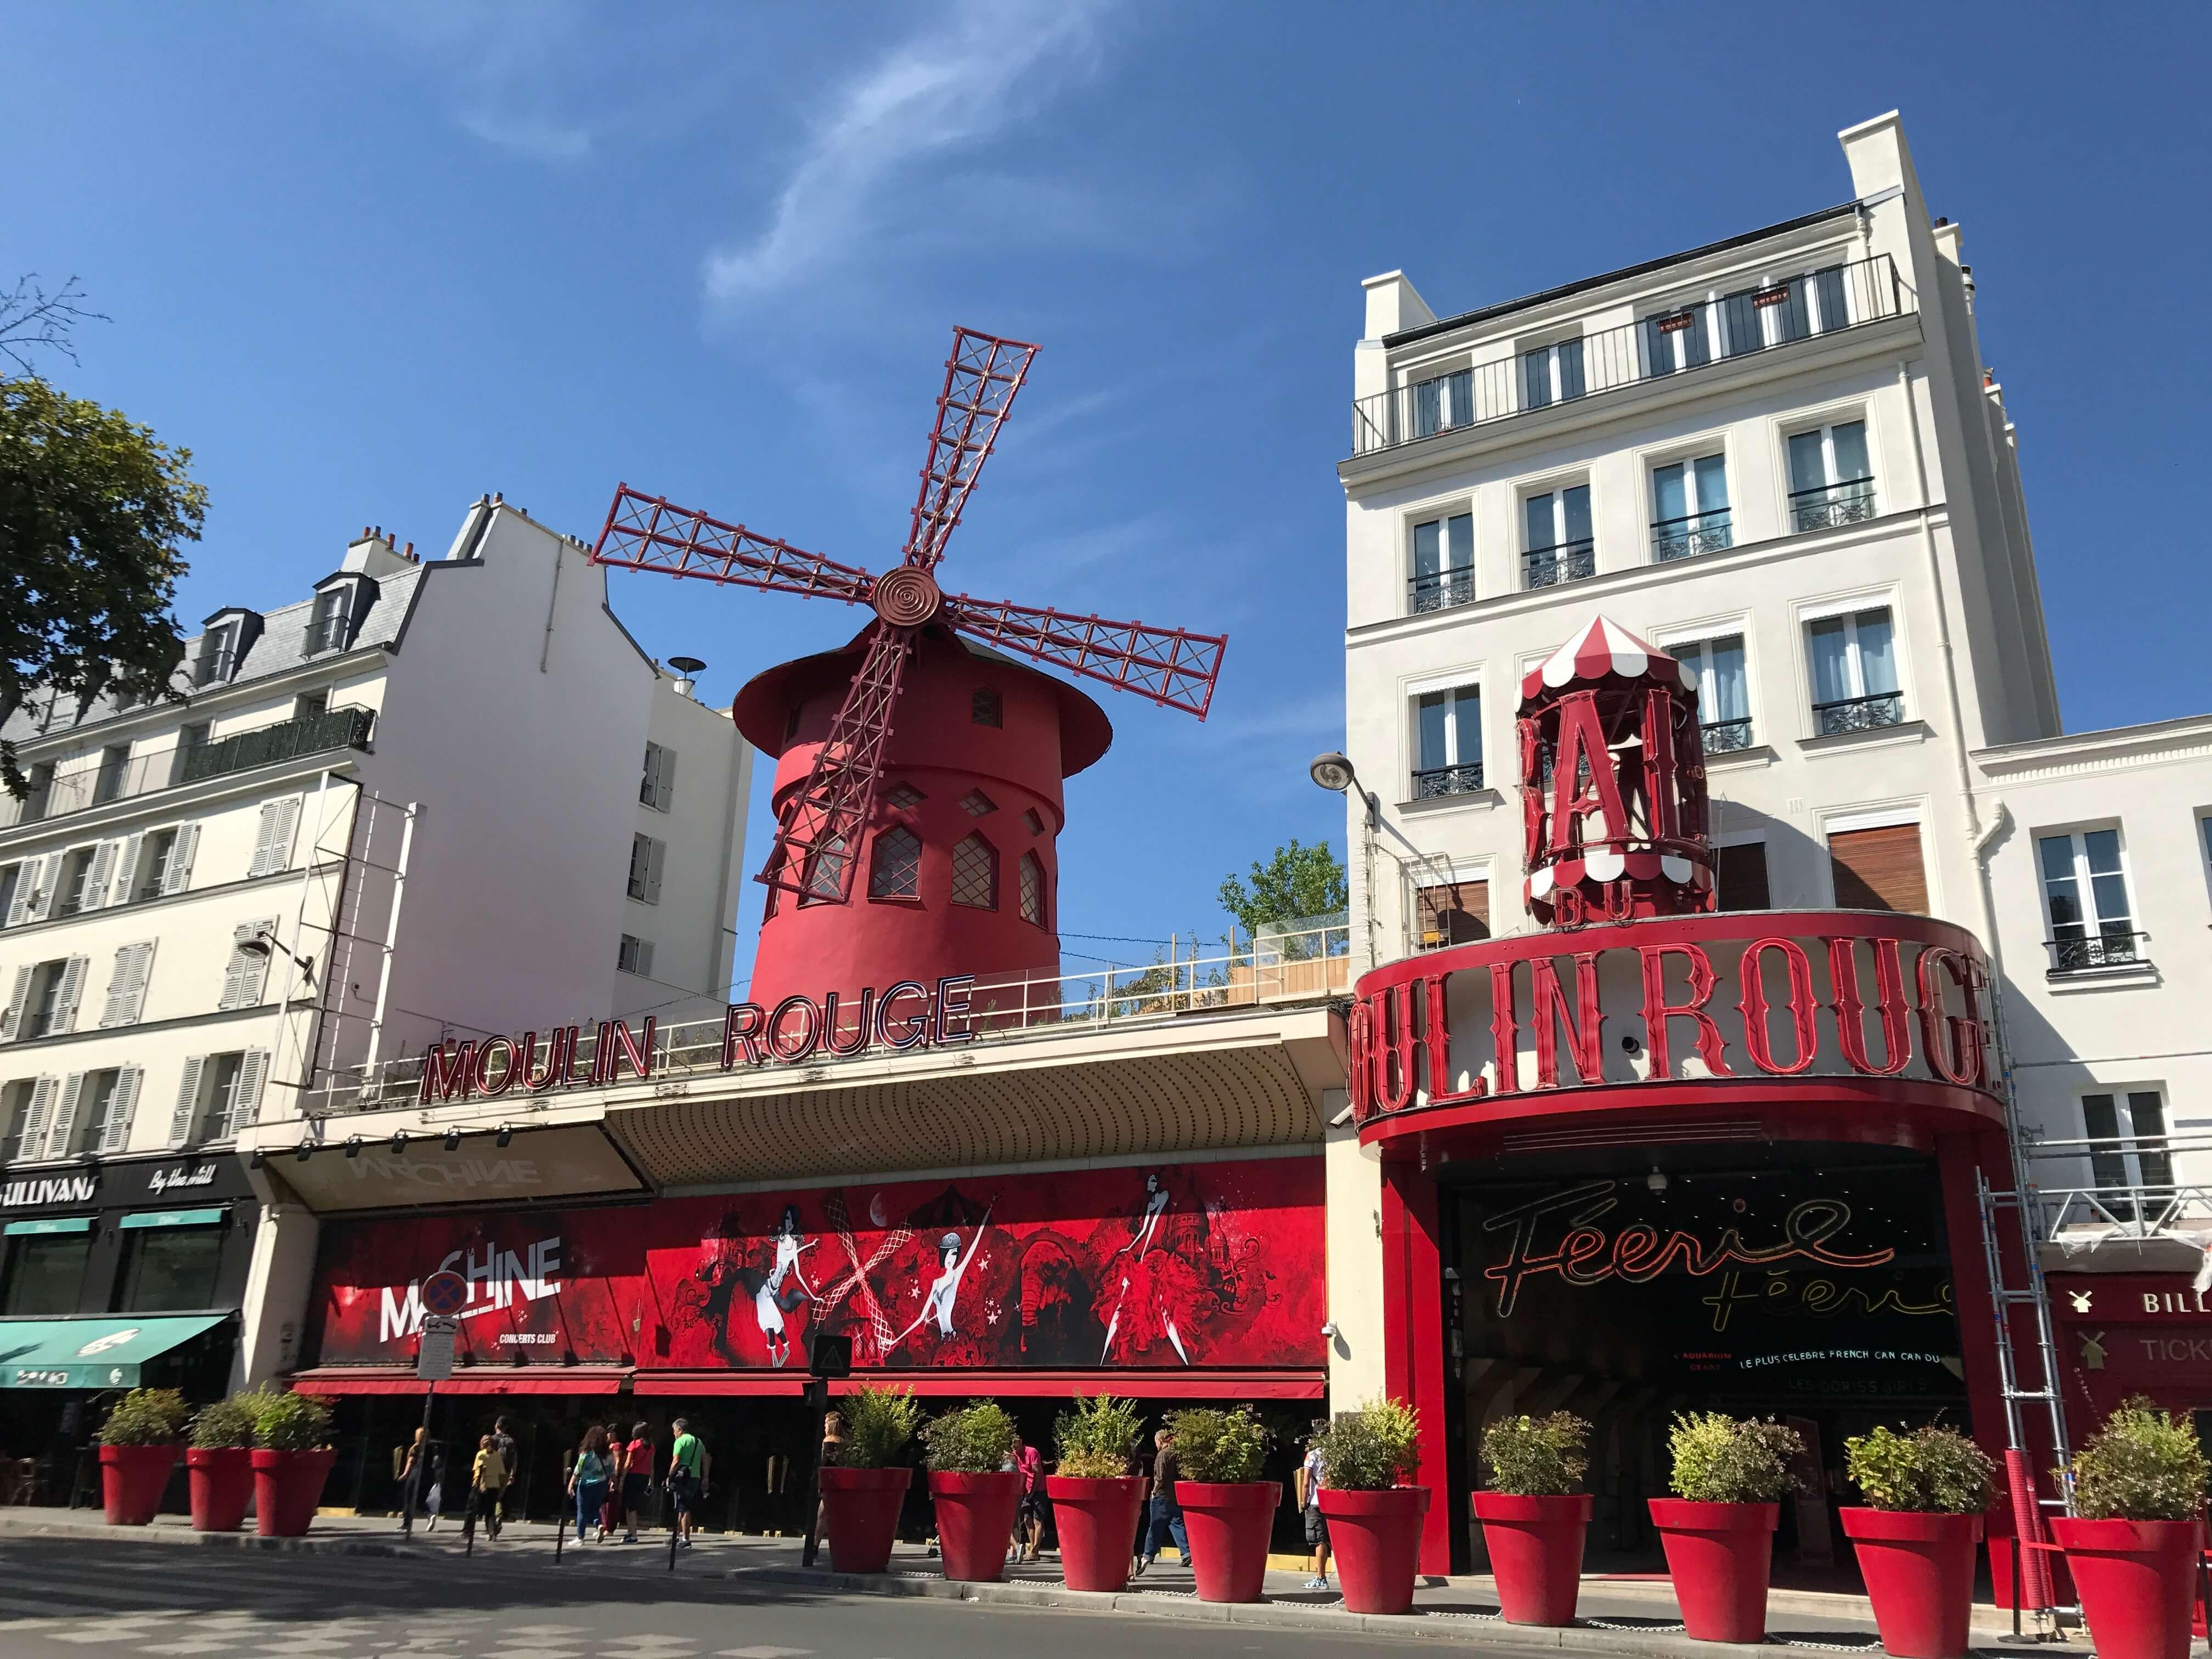 法國巴黎紅磨坊 photo by 倍包客